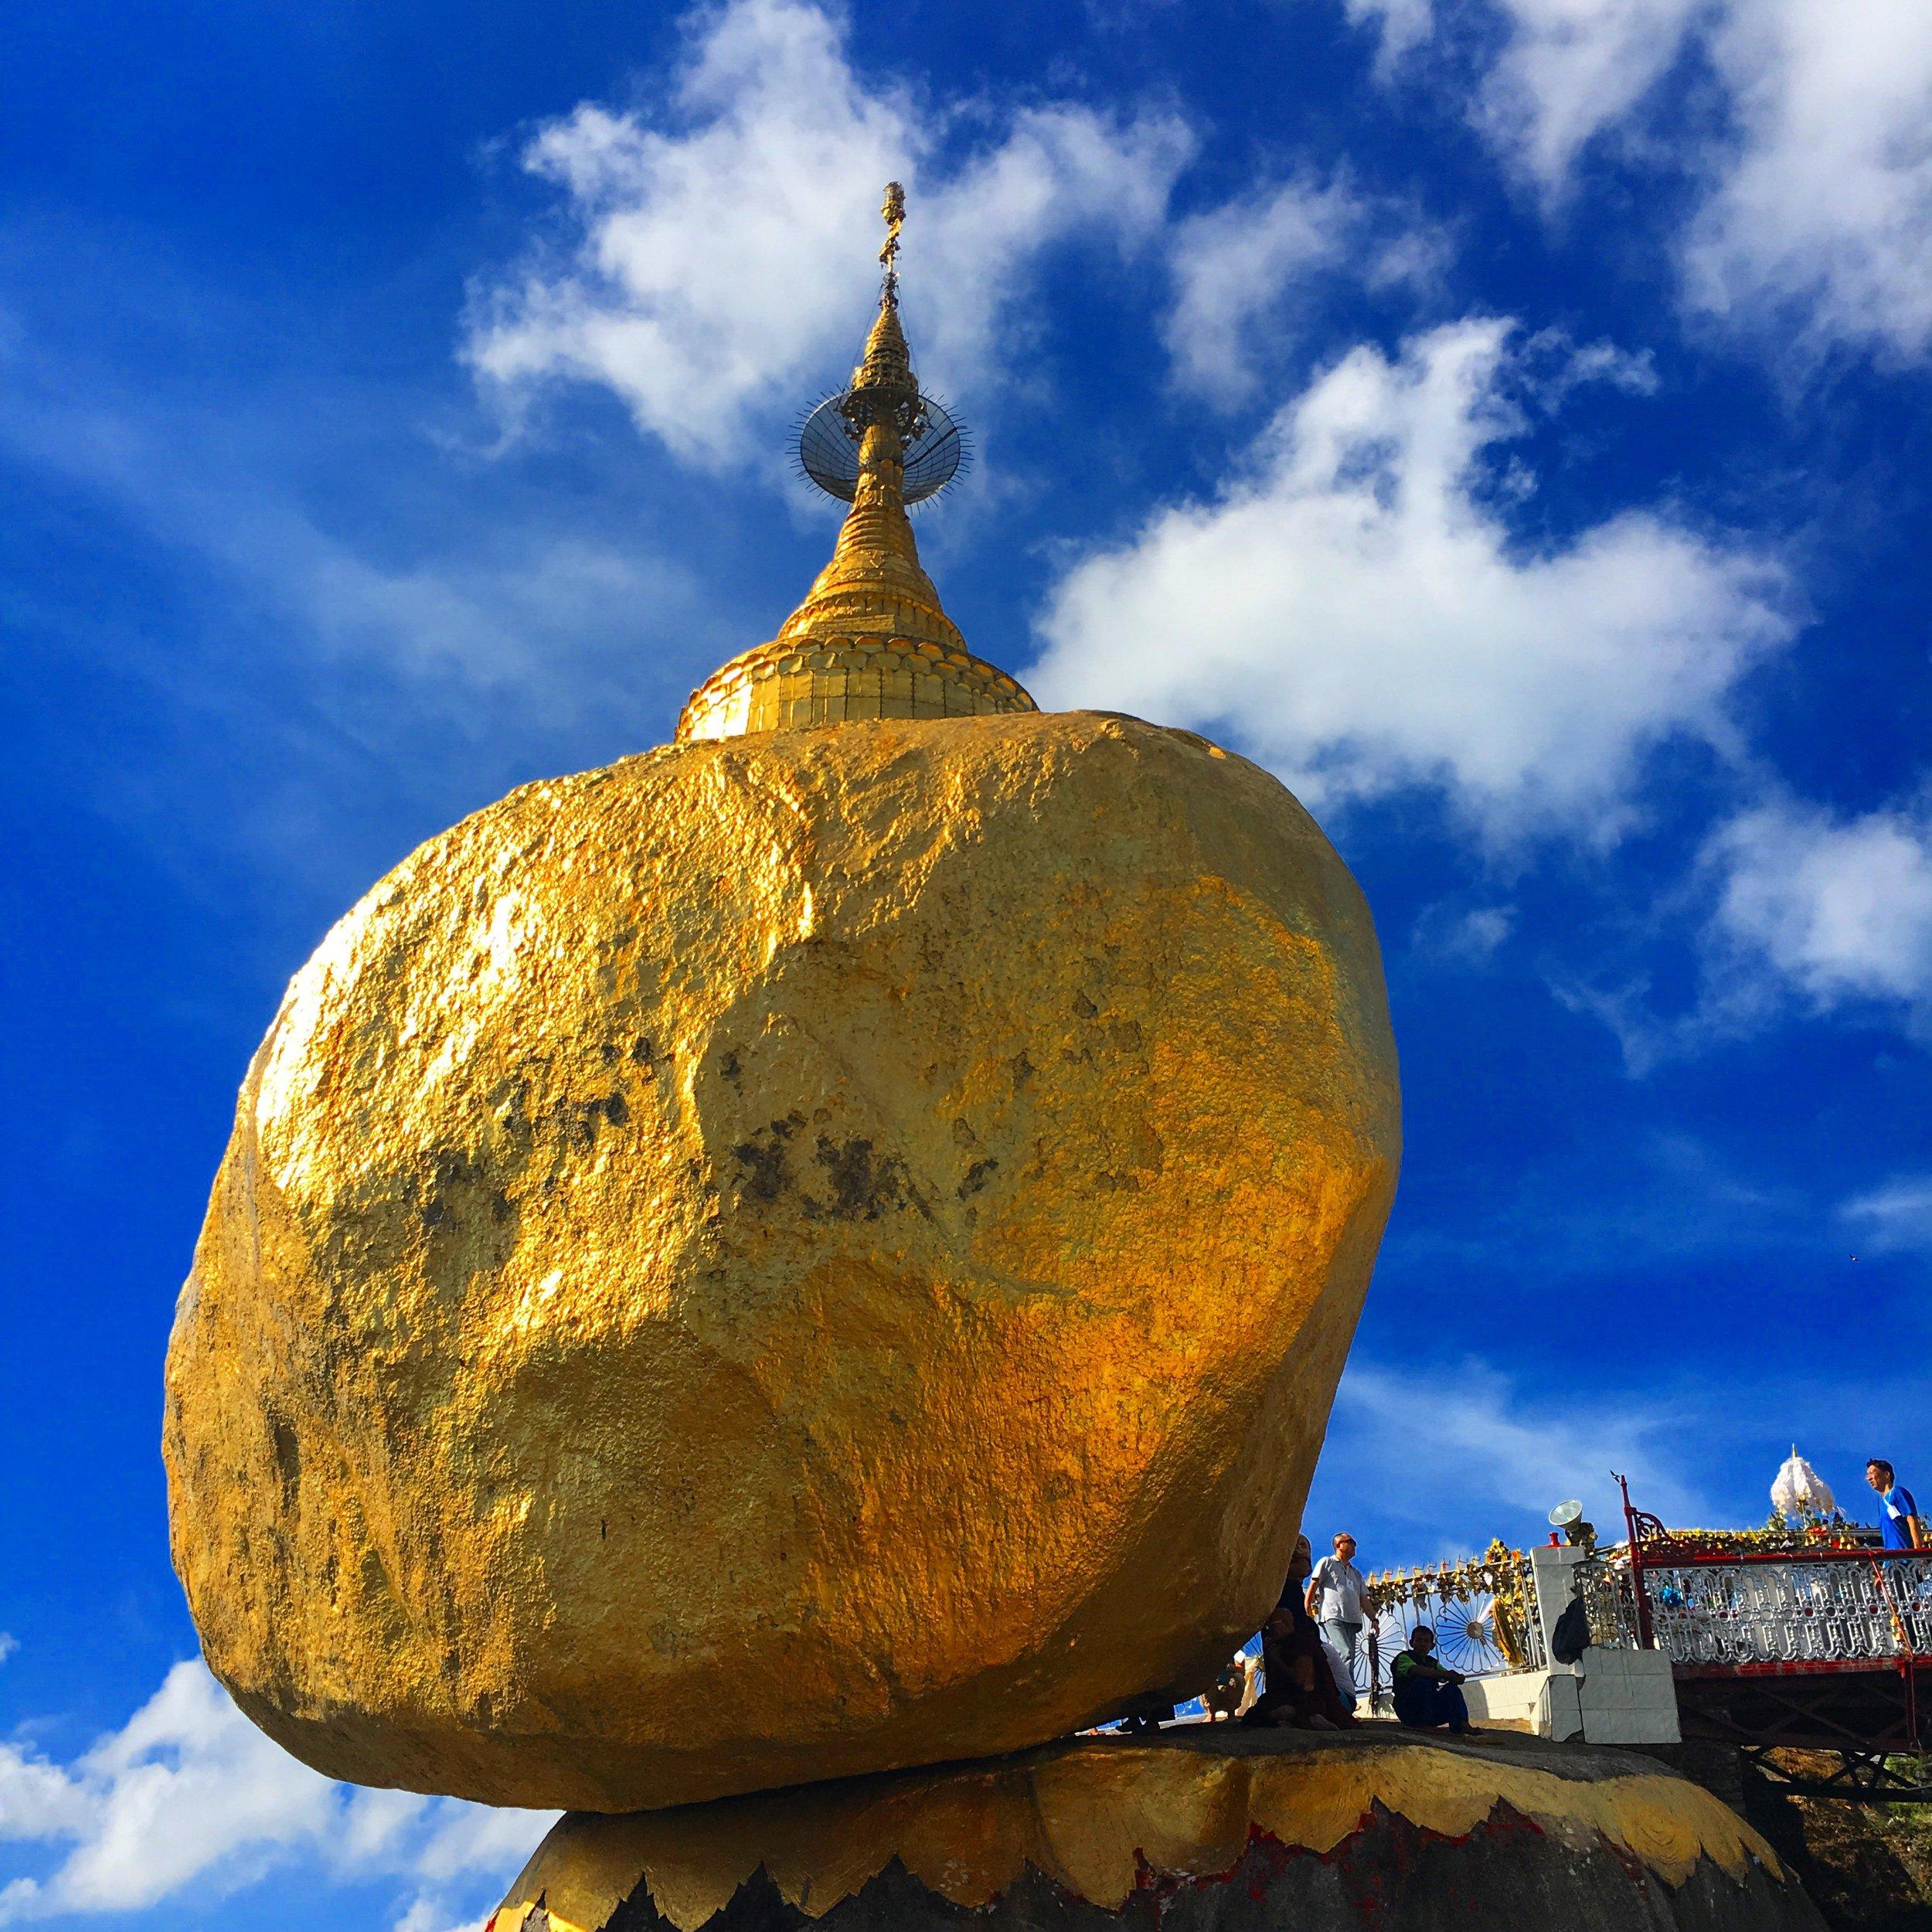 Goldren rock myanmar www.onemorestamp.com